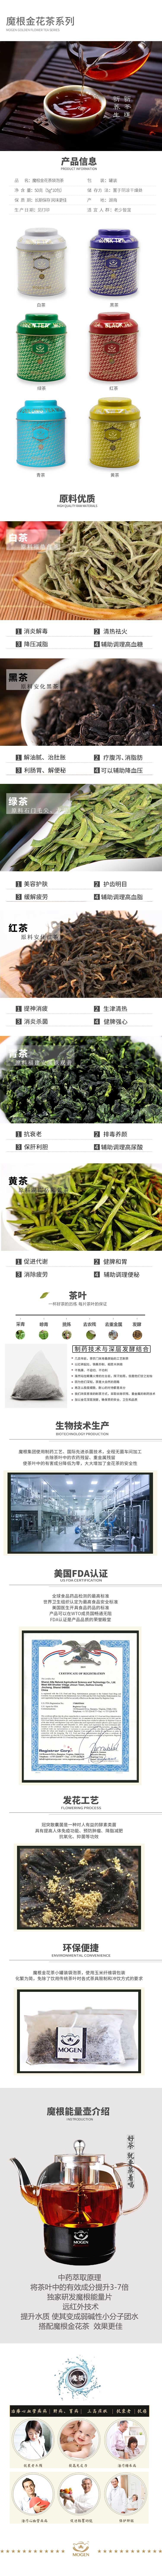 茶叶综合版详情页.jpg